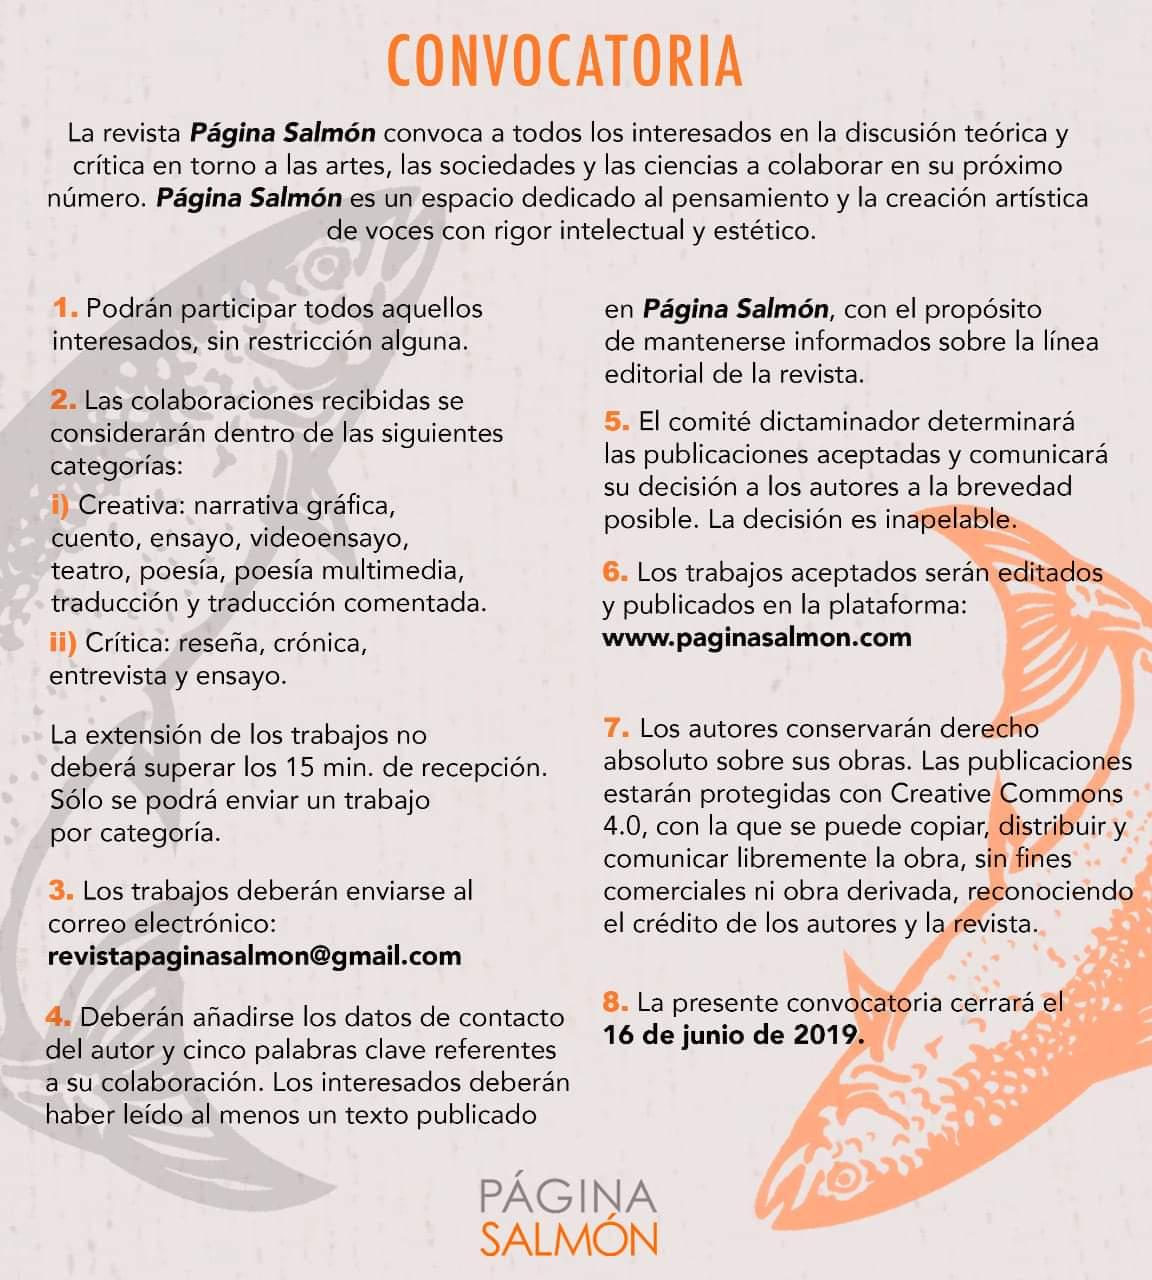 pagina_salmon_convocatoria